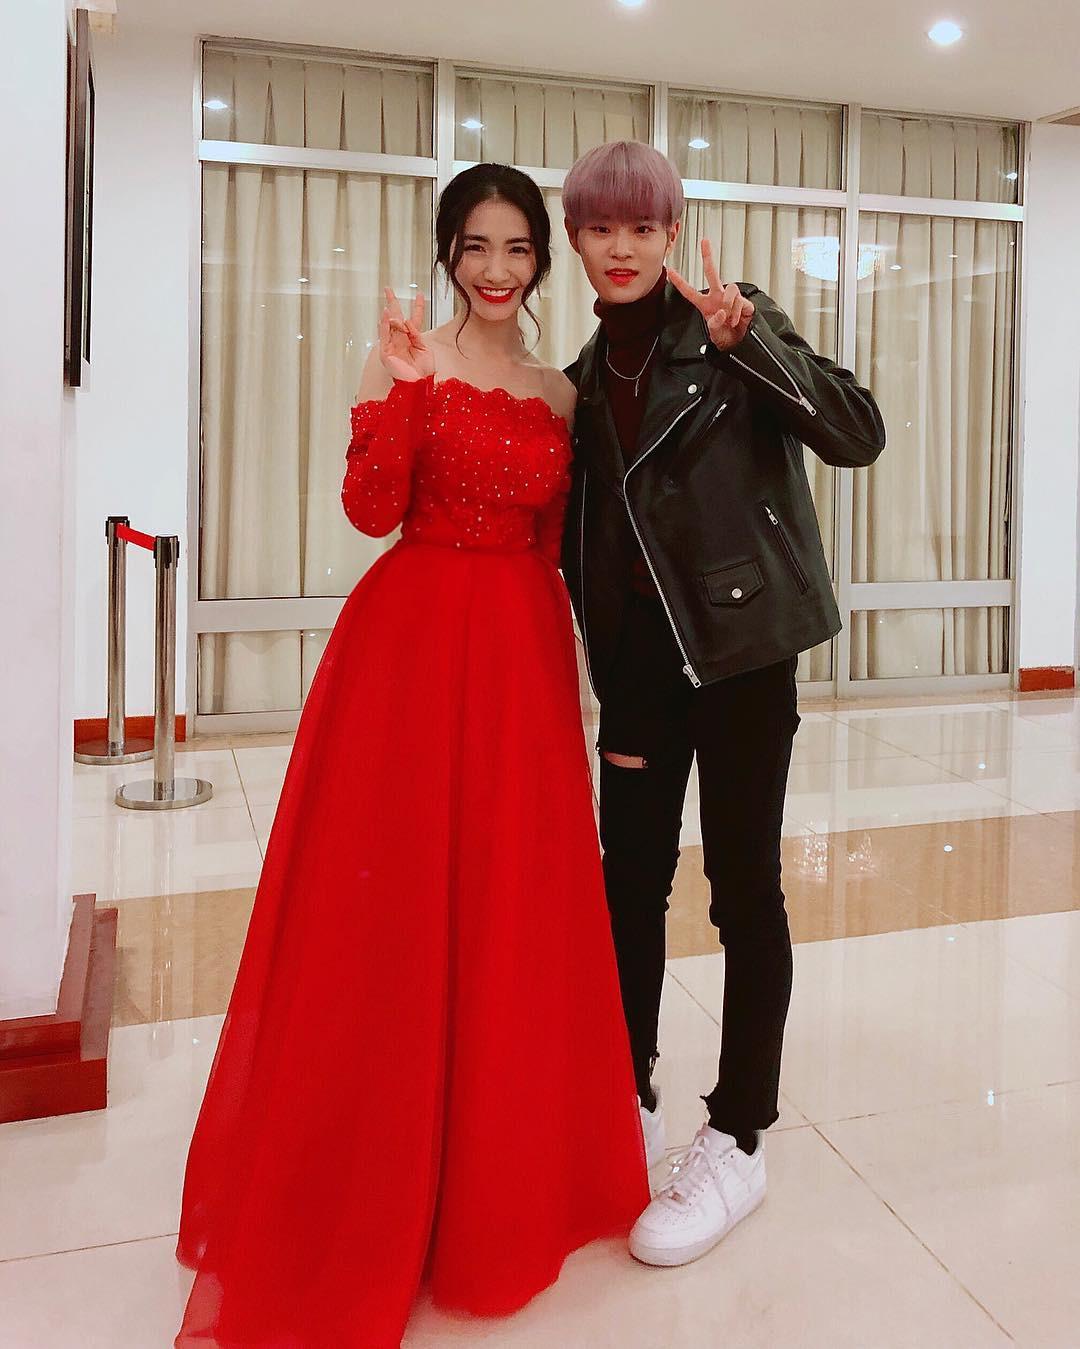 Đại chiến hoa dâm bụt: Hòa Minzy mặc áo phao đỏ, Đức Phúc liền ví chị giống chiếc xúc xích - Ảnh 4.